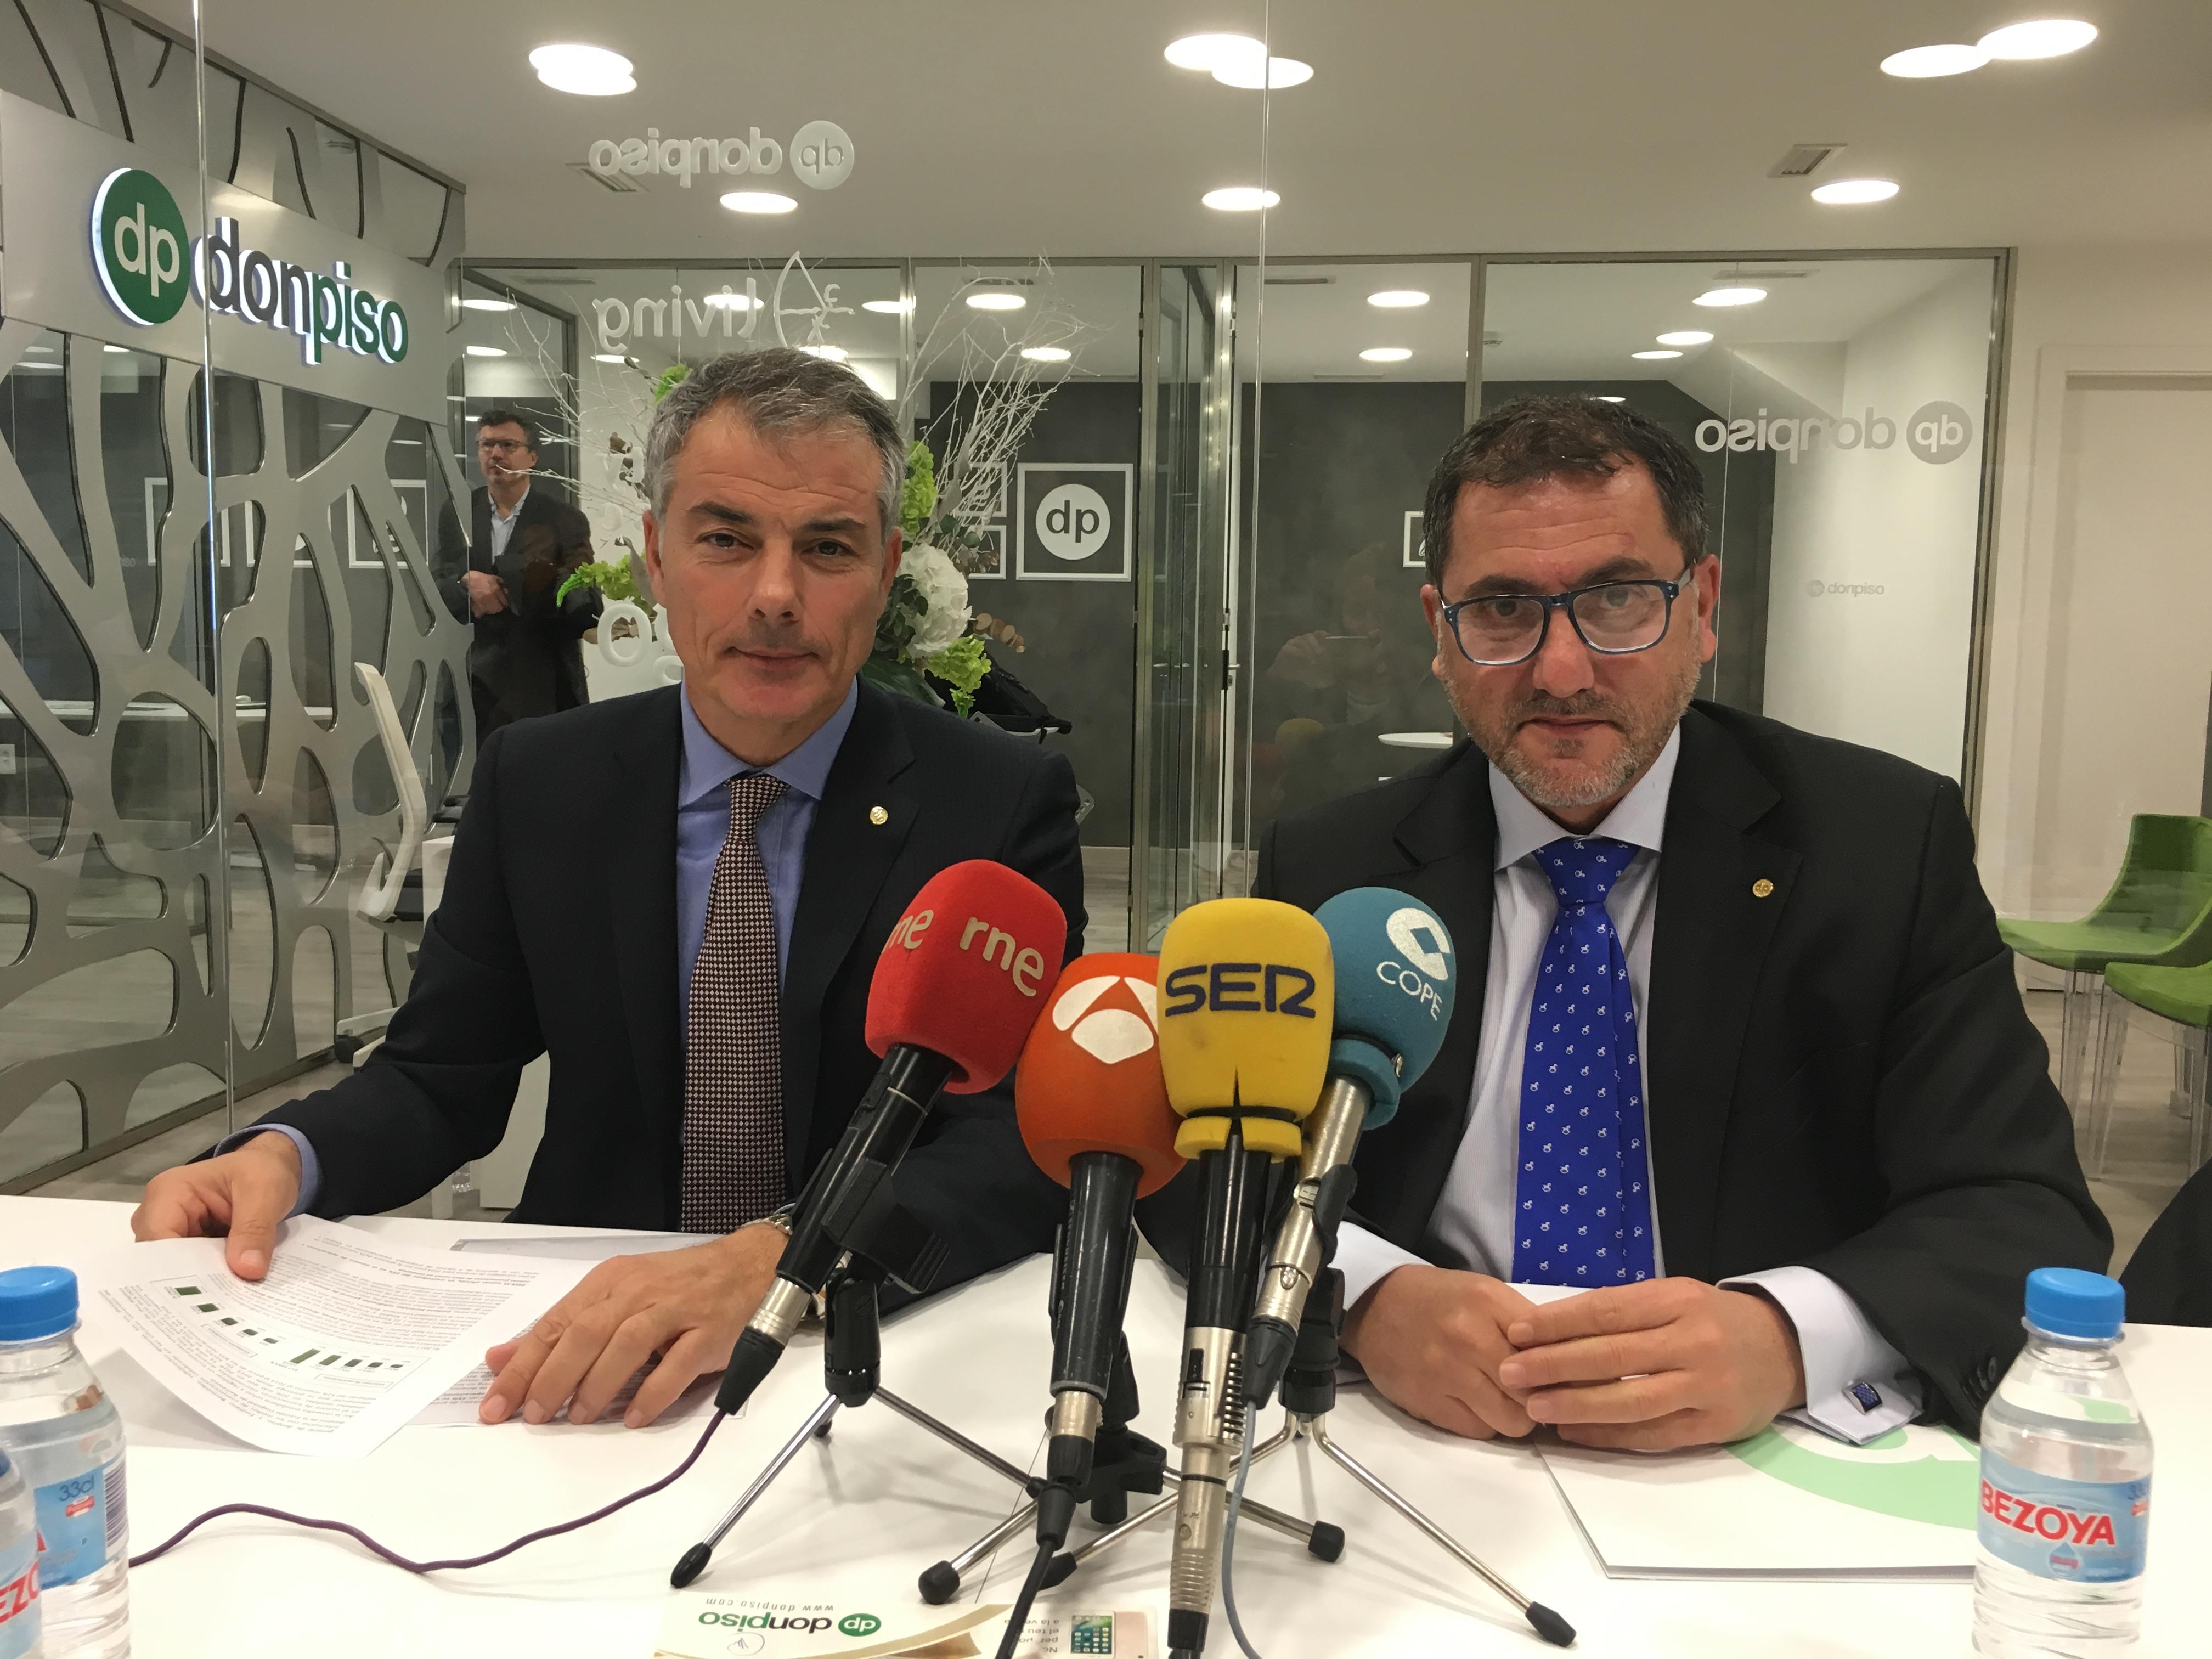 Luis Pérez y Emiliano Bermúdez han presentado los resultados de la compañía en 2017 / DonPiso